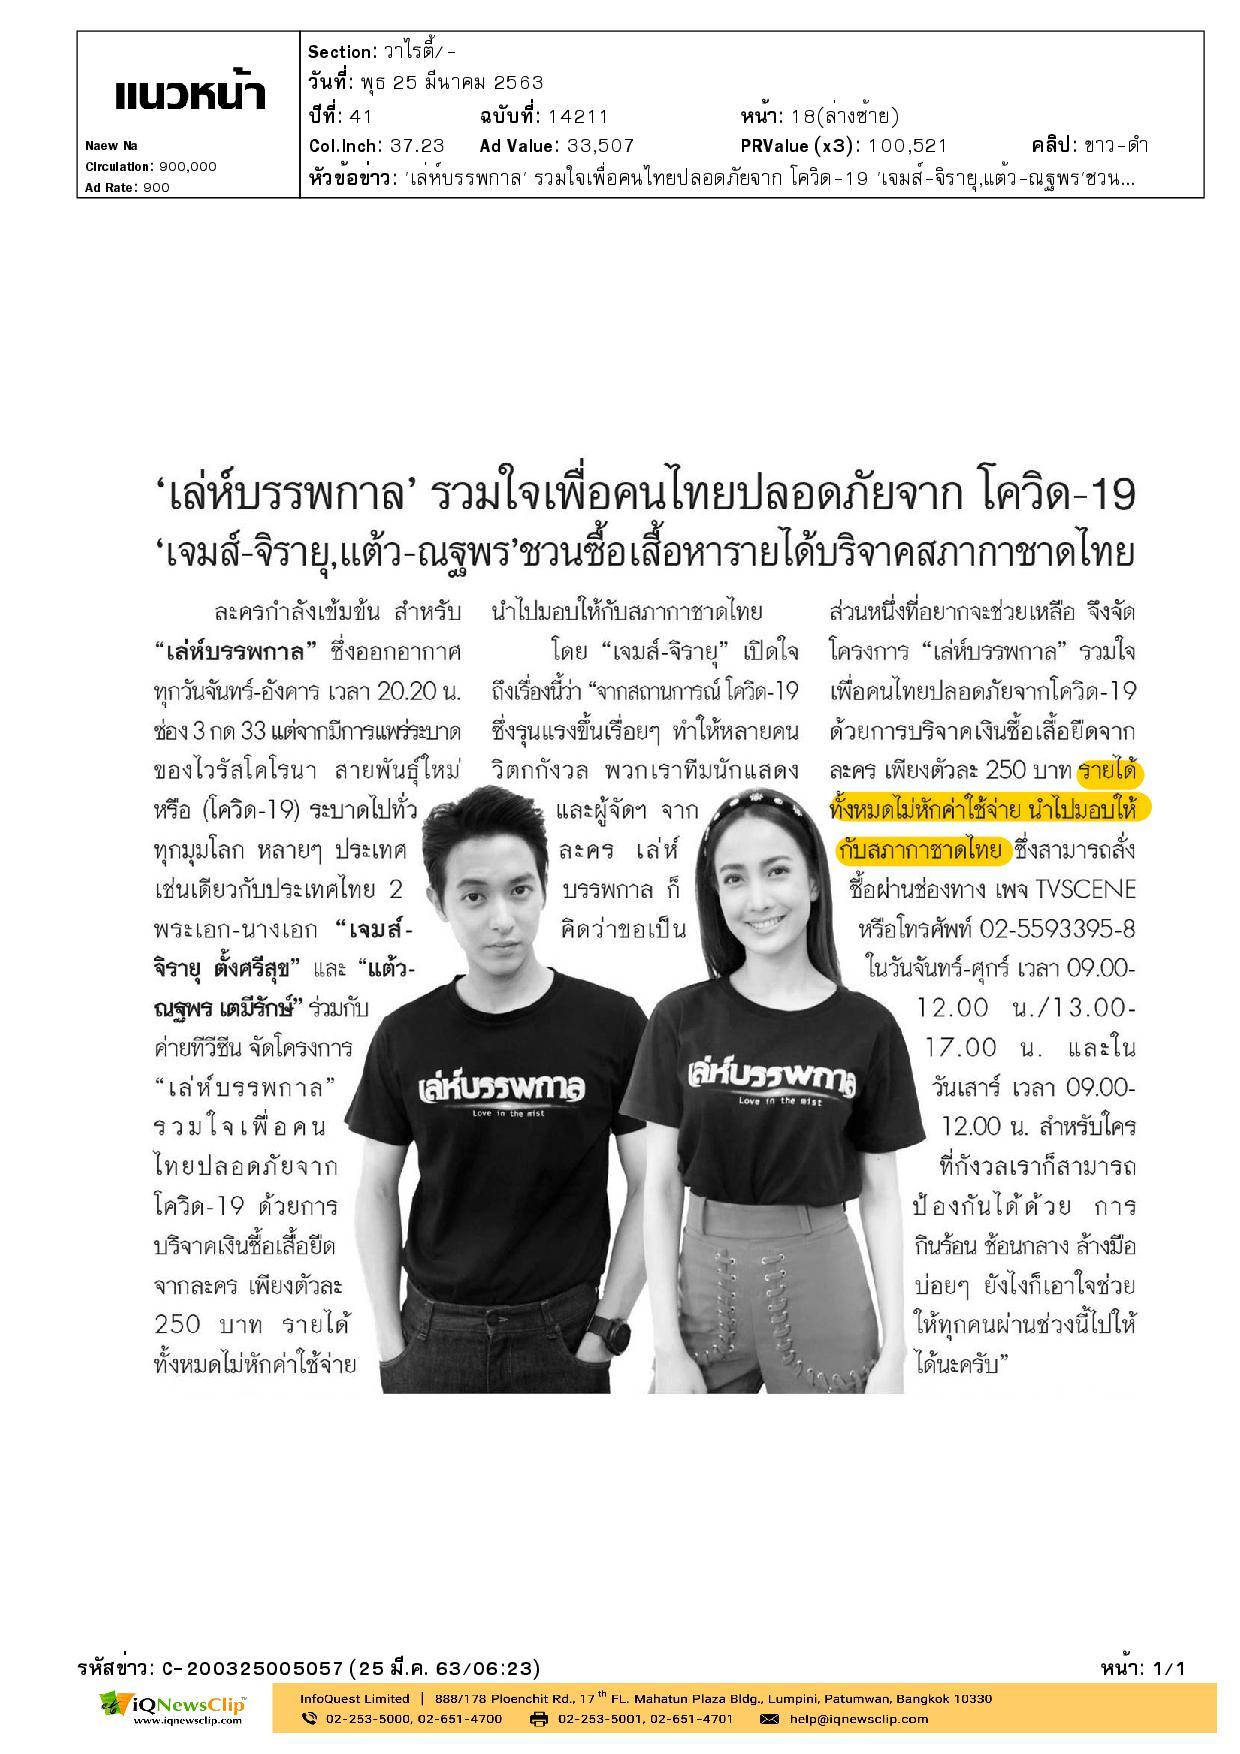 เชิญชวนคนไทยซื้อเสื้อยืด รายได้จากการจำหน่ายบริจาคให้กับสภากาชาดไทย